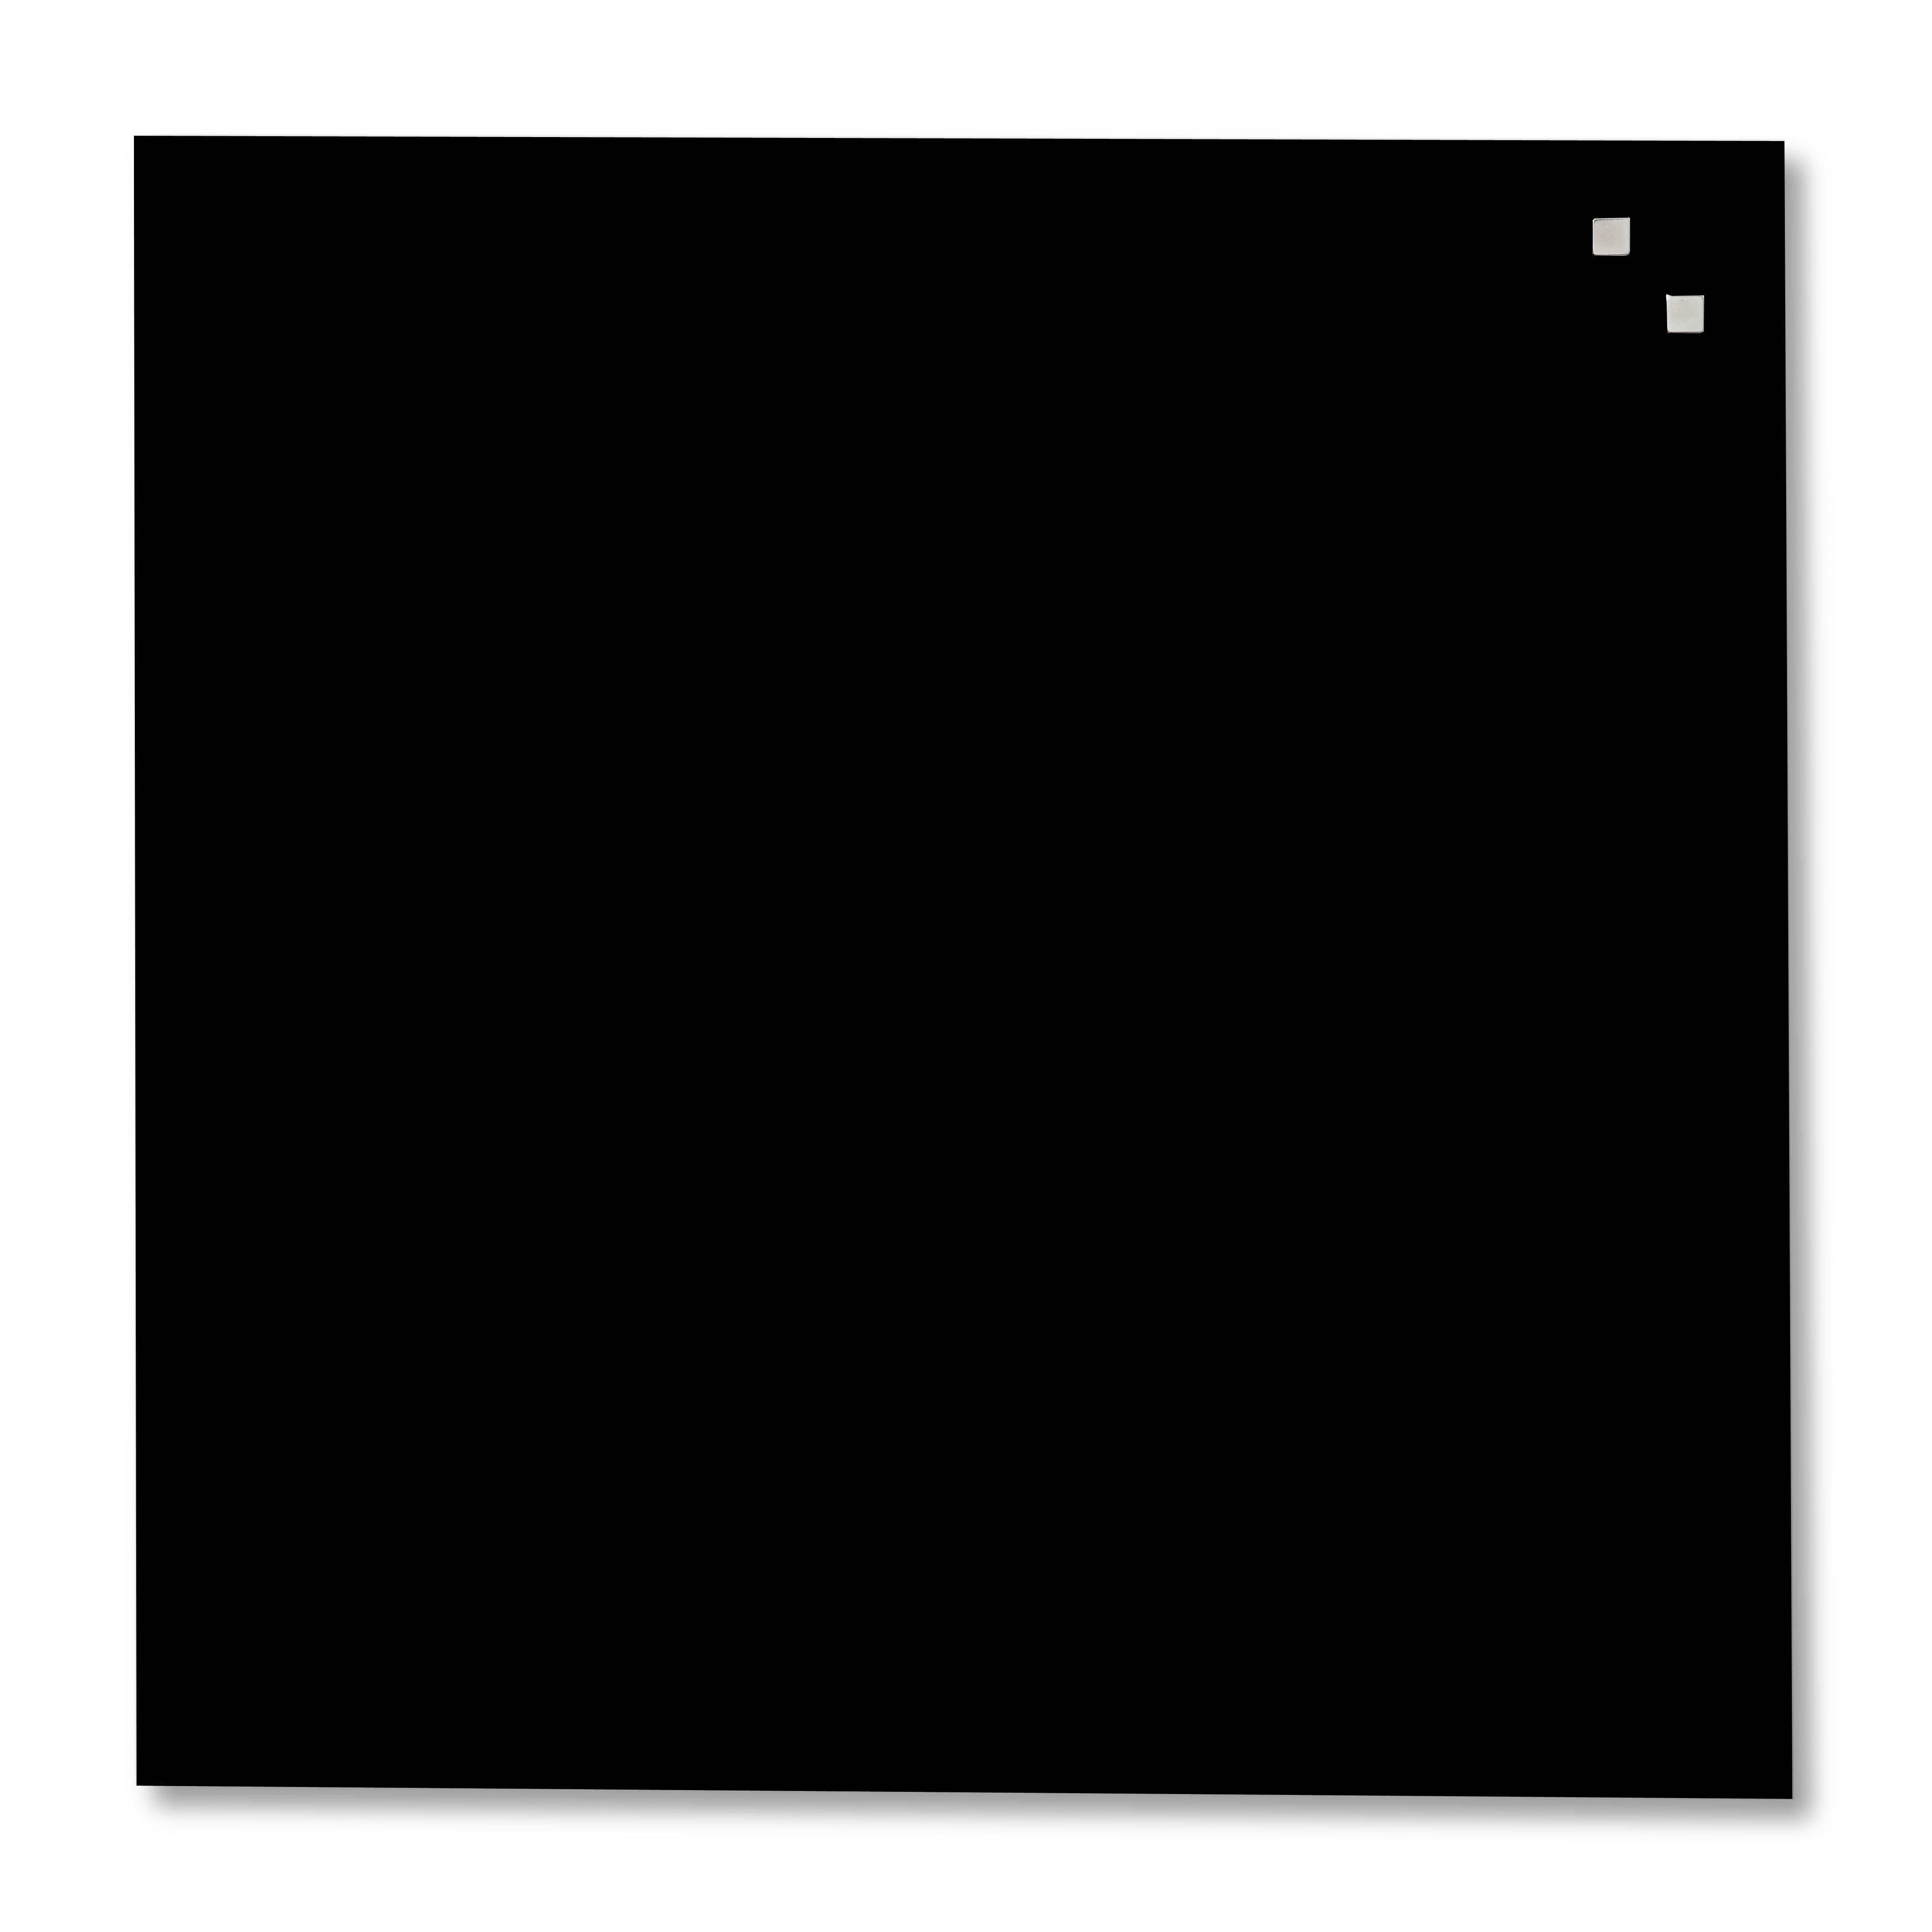 Tabule magnetické skleněné - 100 x 100 cm / černá